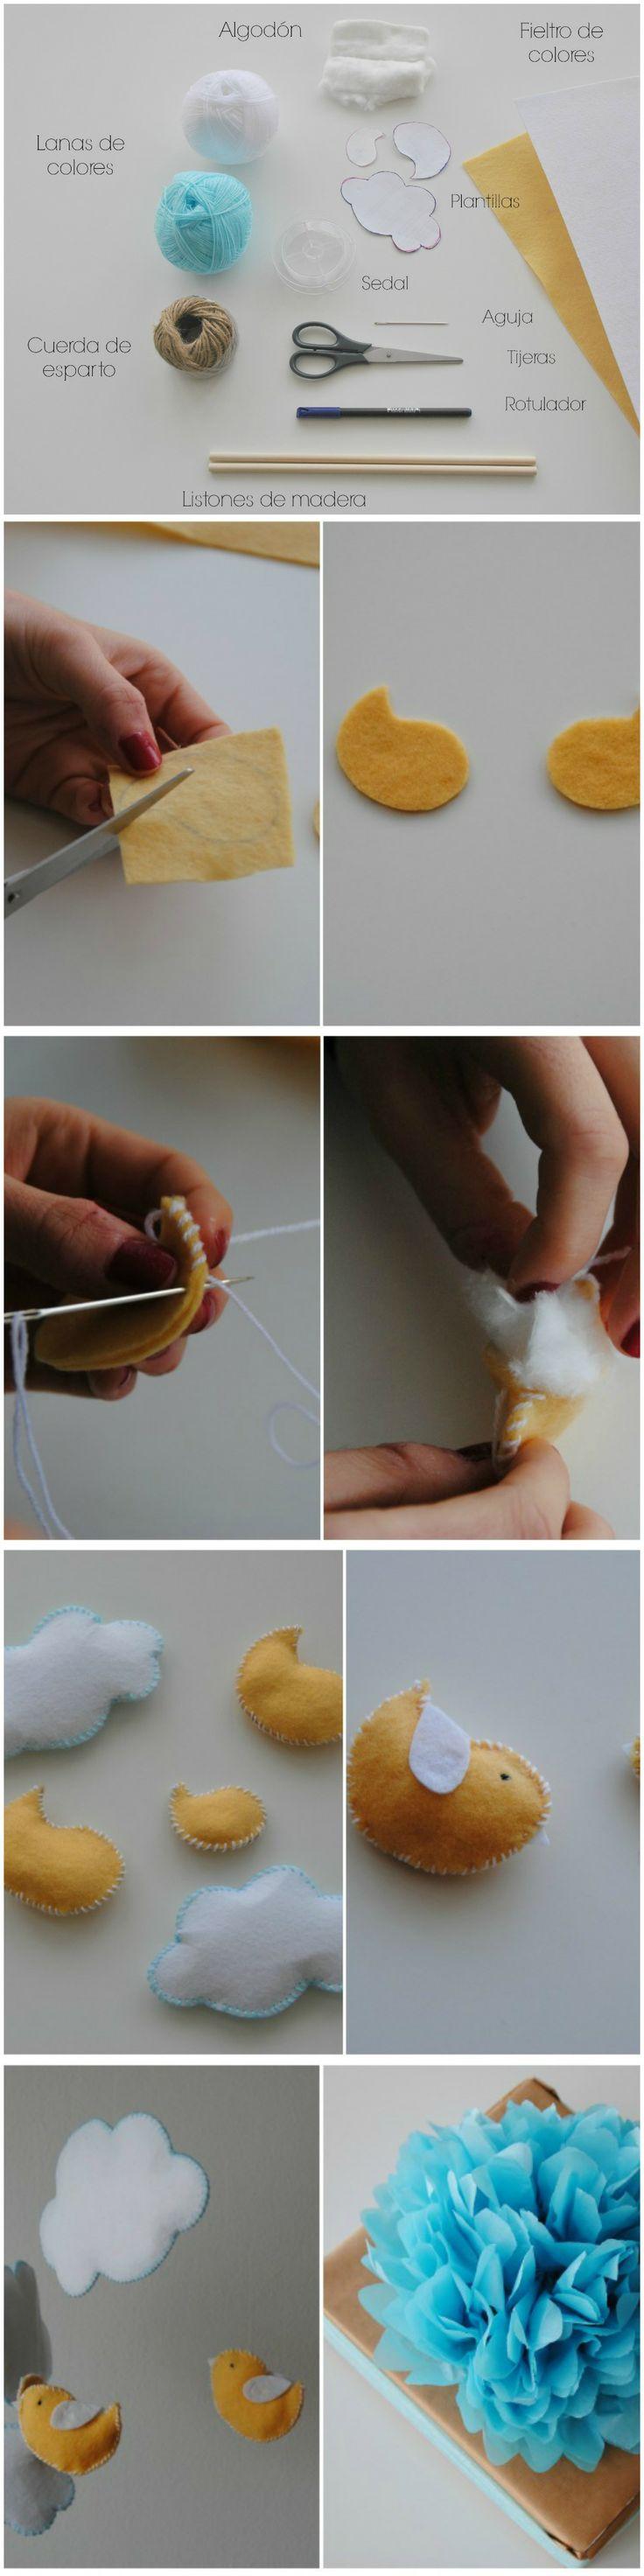 Móvil para decorar. #DIY Más detalles en http://dondelascosasbonitasblog.blogspot.com.es/2014/03/diy-movil-para-la-habitacion-de-un-bebe.html